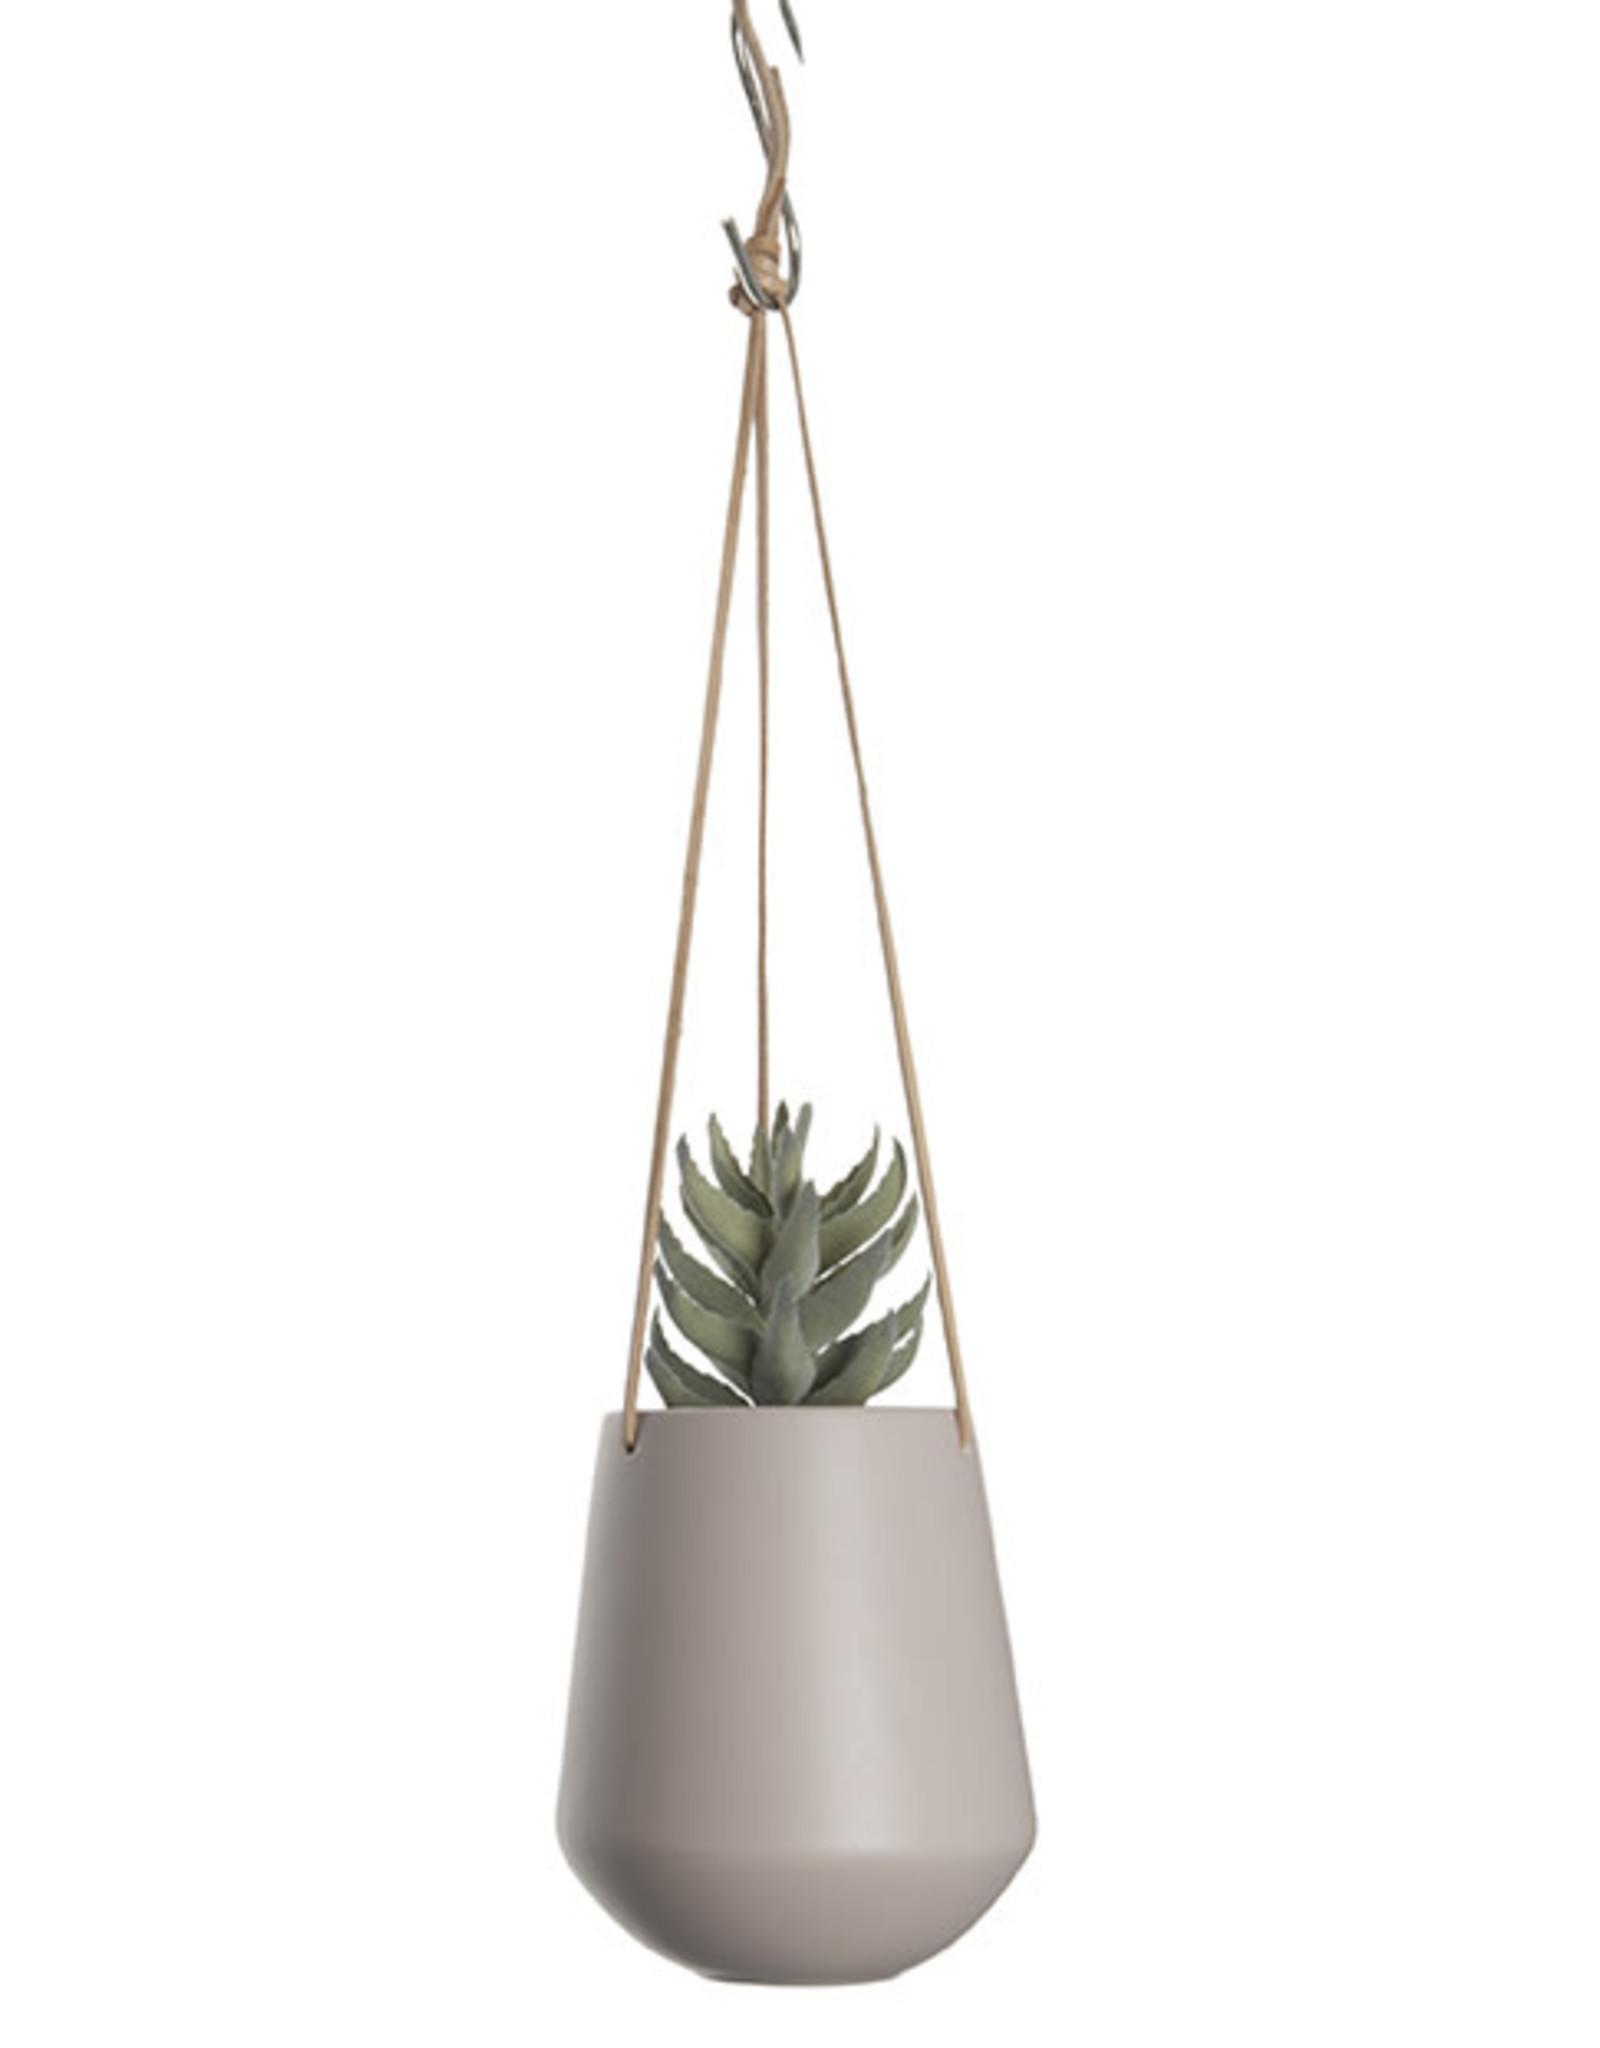 pt Skittle hanging pot Ø9.5 h16 cm - Soft pink